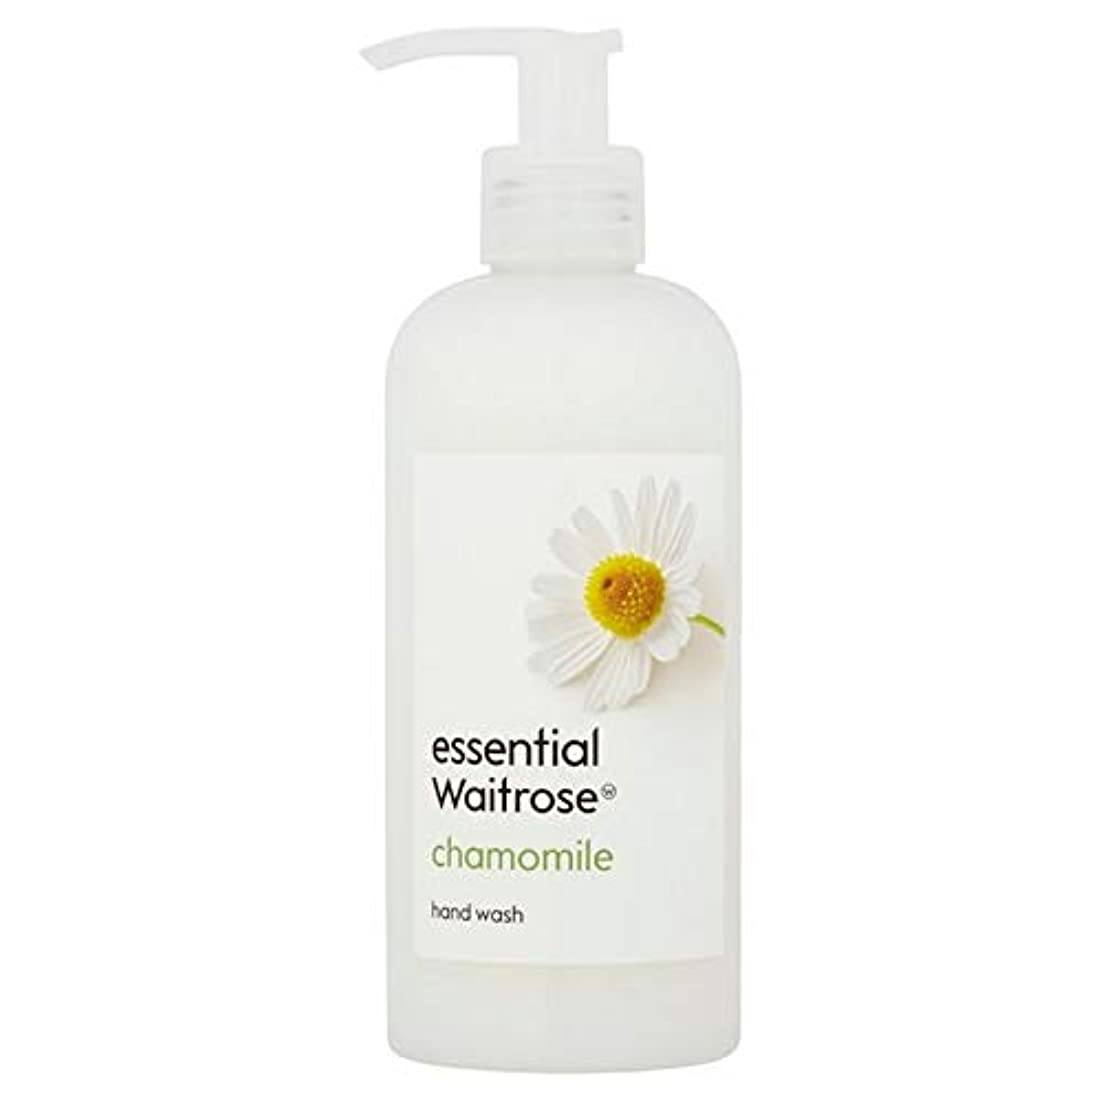 画像びん無駄に[Waitrose ] 基本的なウェイトローズのハンドウォッシュカモミール300ミリリットル - Essential Waitrose Hand Wash Chamomile 300ml [並行輸入品]